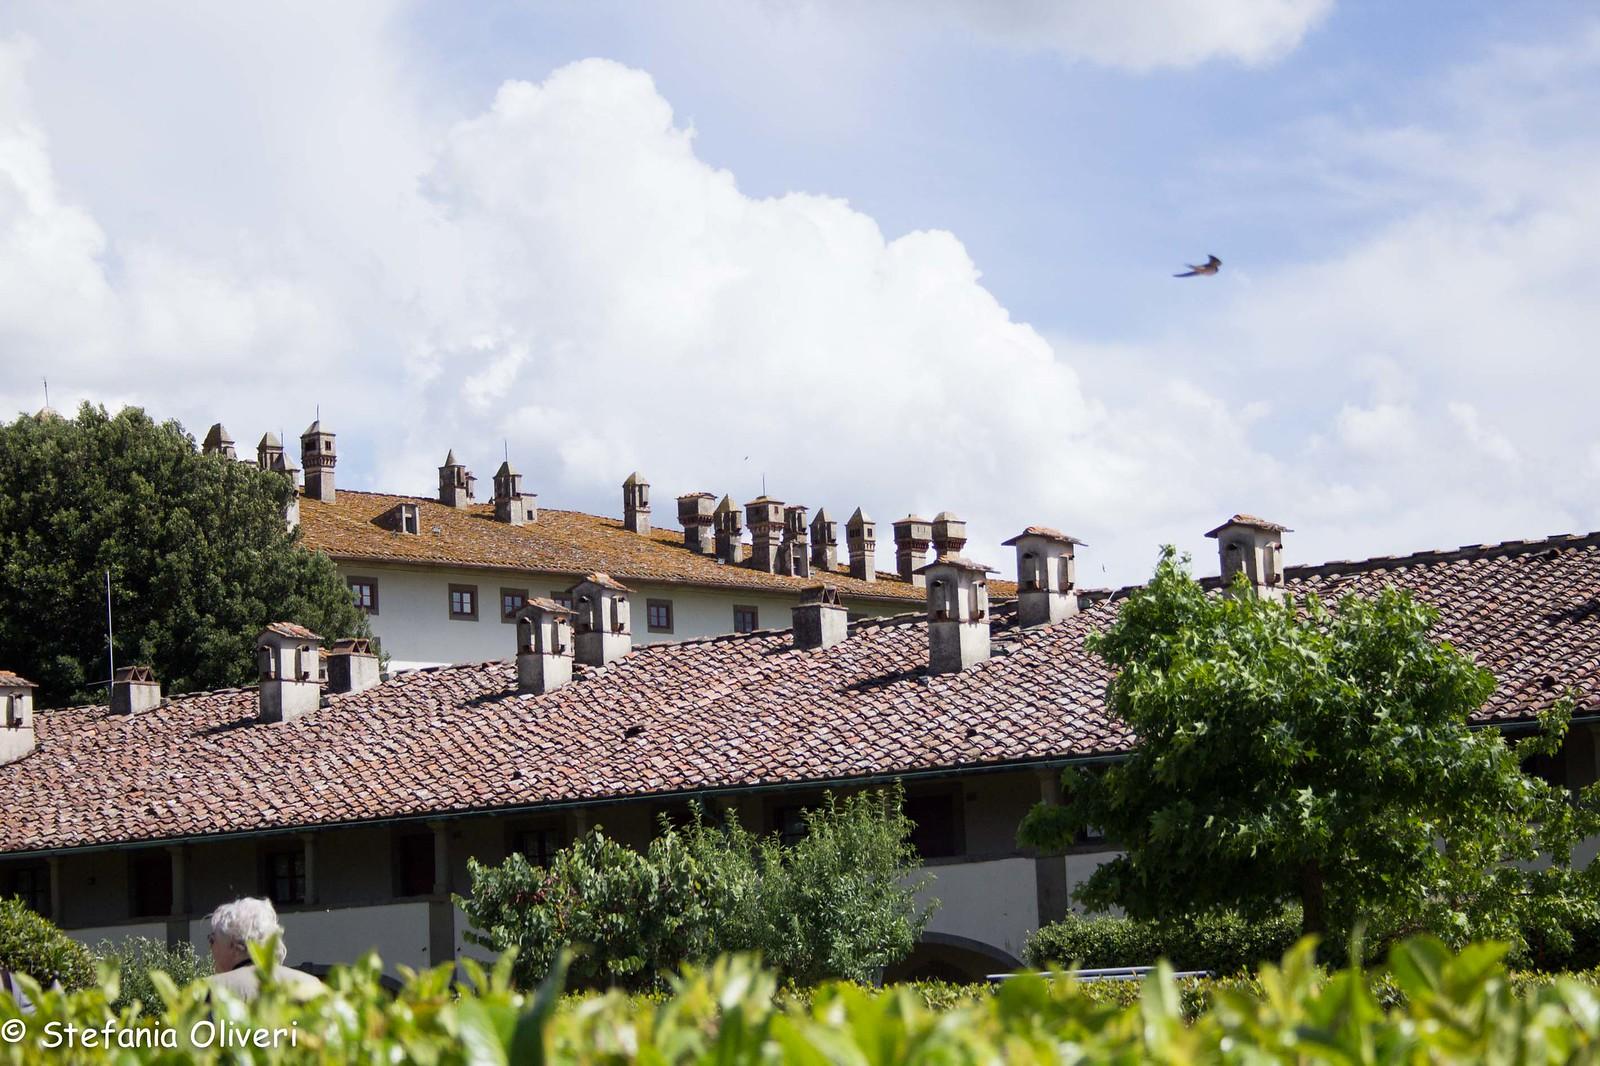 Prato Villa Artimino 2